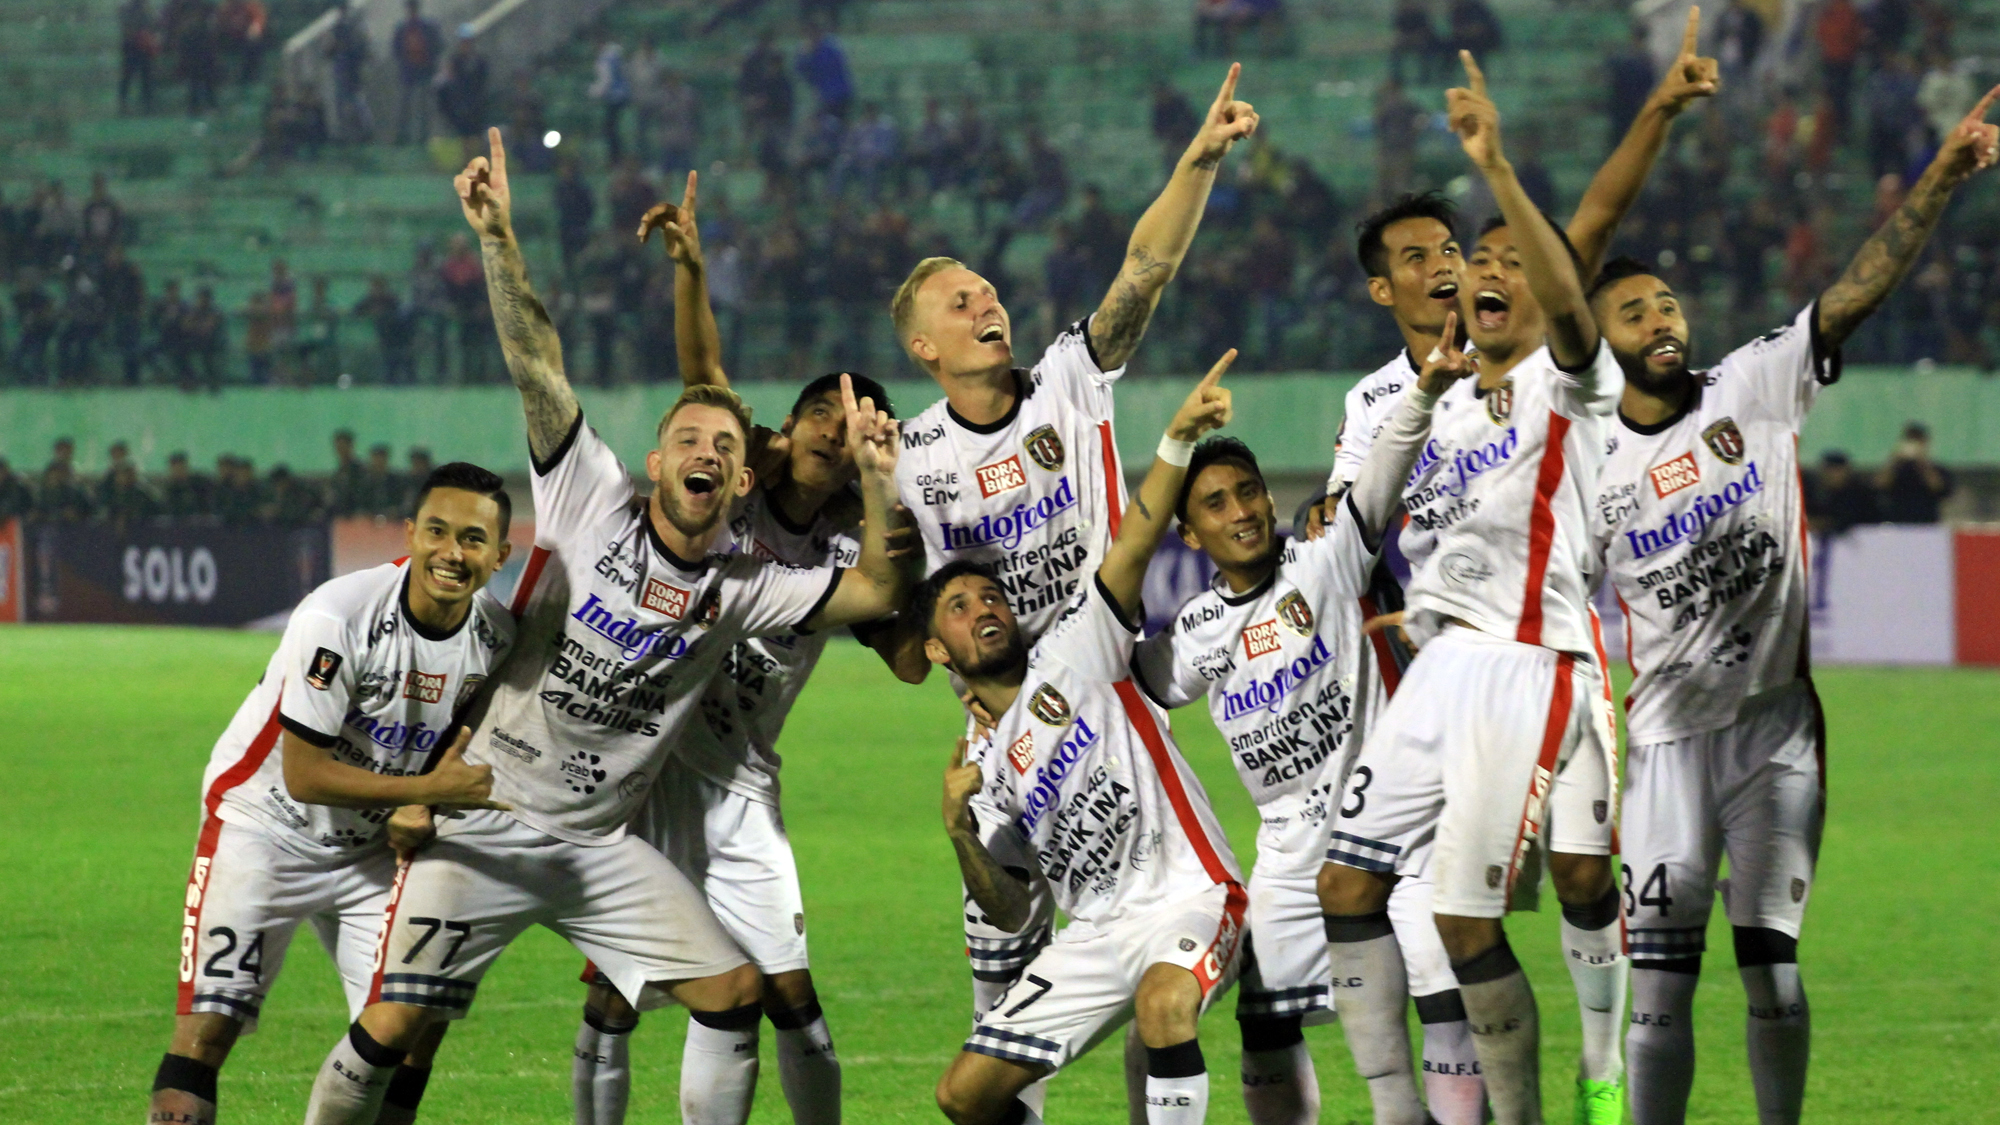 Daftar Pemain Bali United Buat Piala AFC 2018